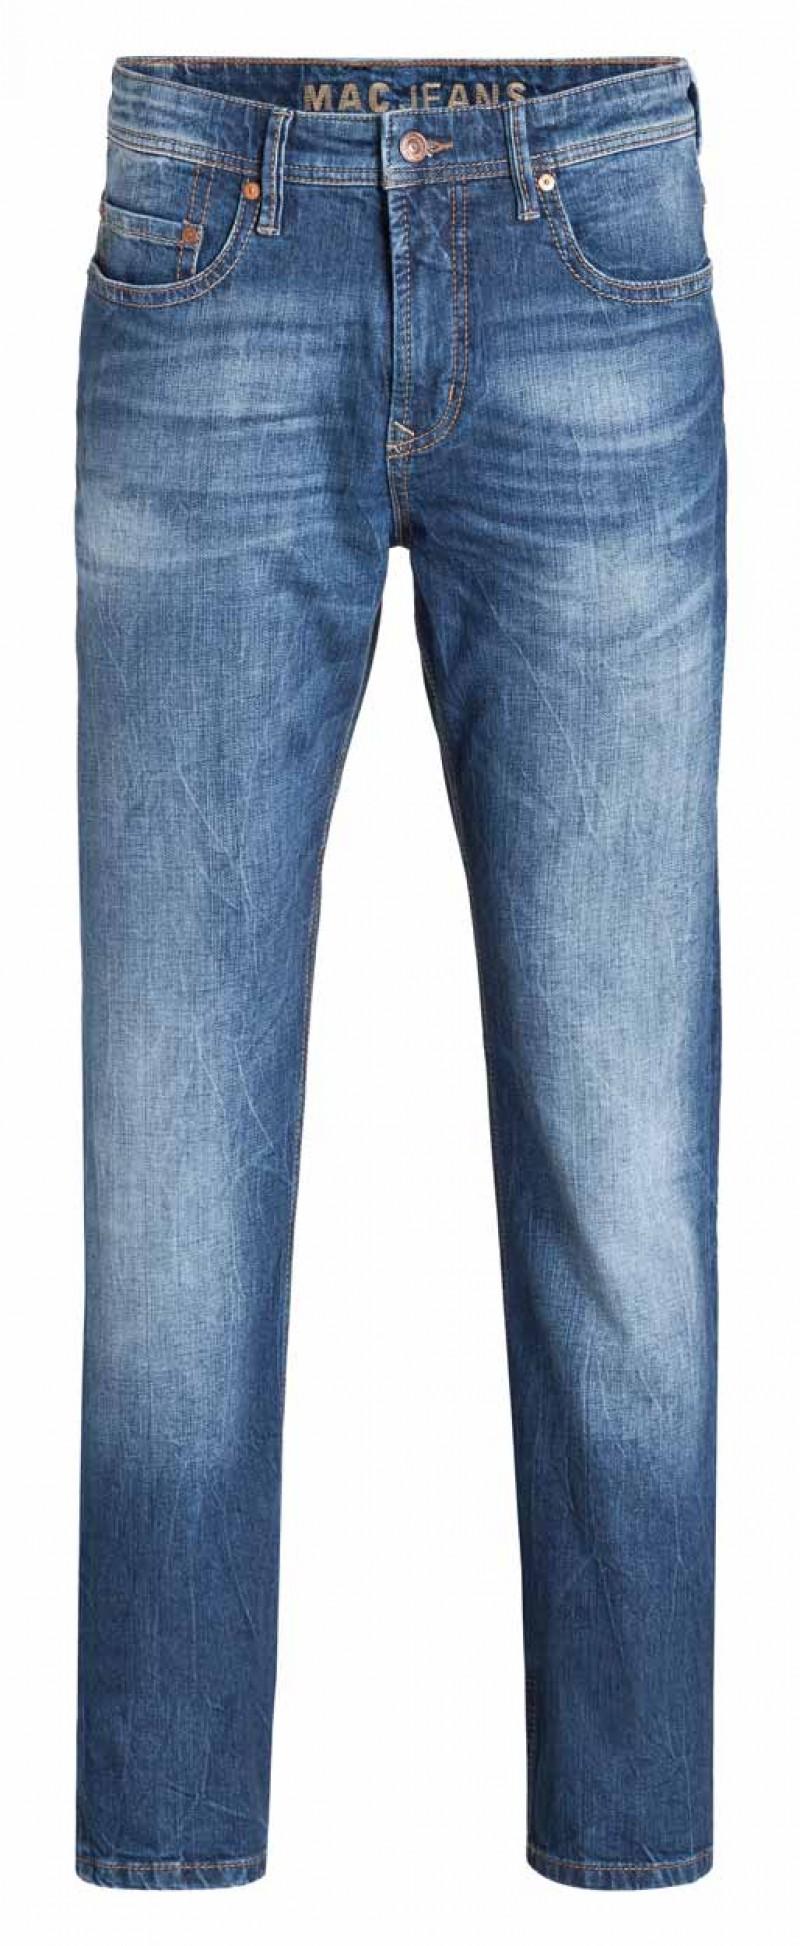 Mac Ben Jeans - Regular Fit - Dark Indigo Heavy Wash